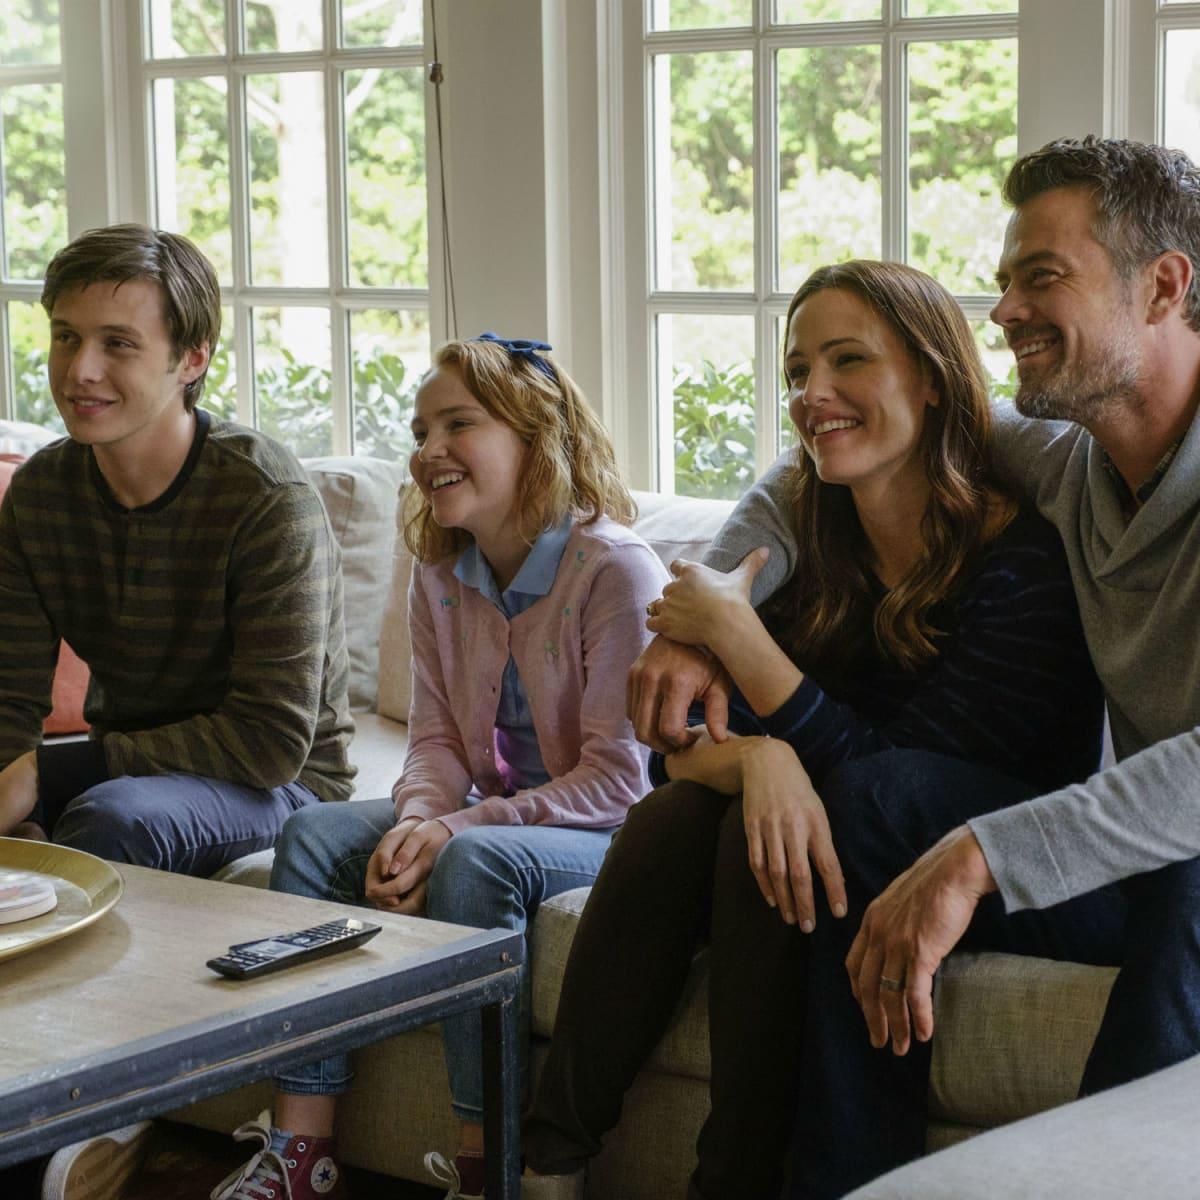 Nick Robinson, Talitha Bateman, Jennifer Garner, and Josh Duhamel in Love, Simon